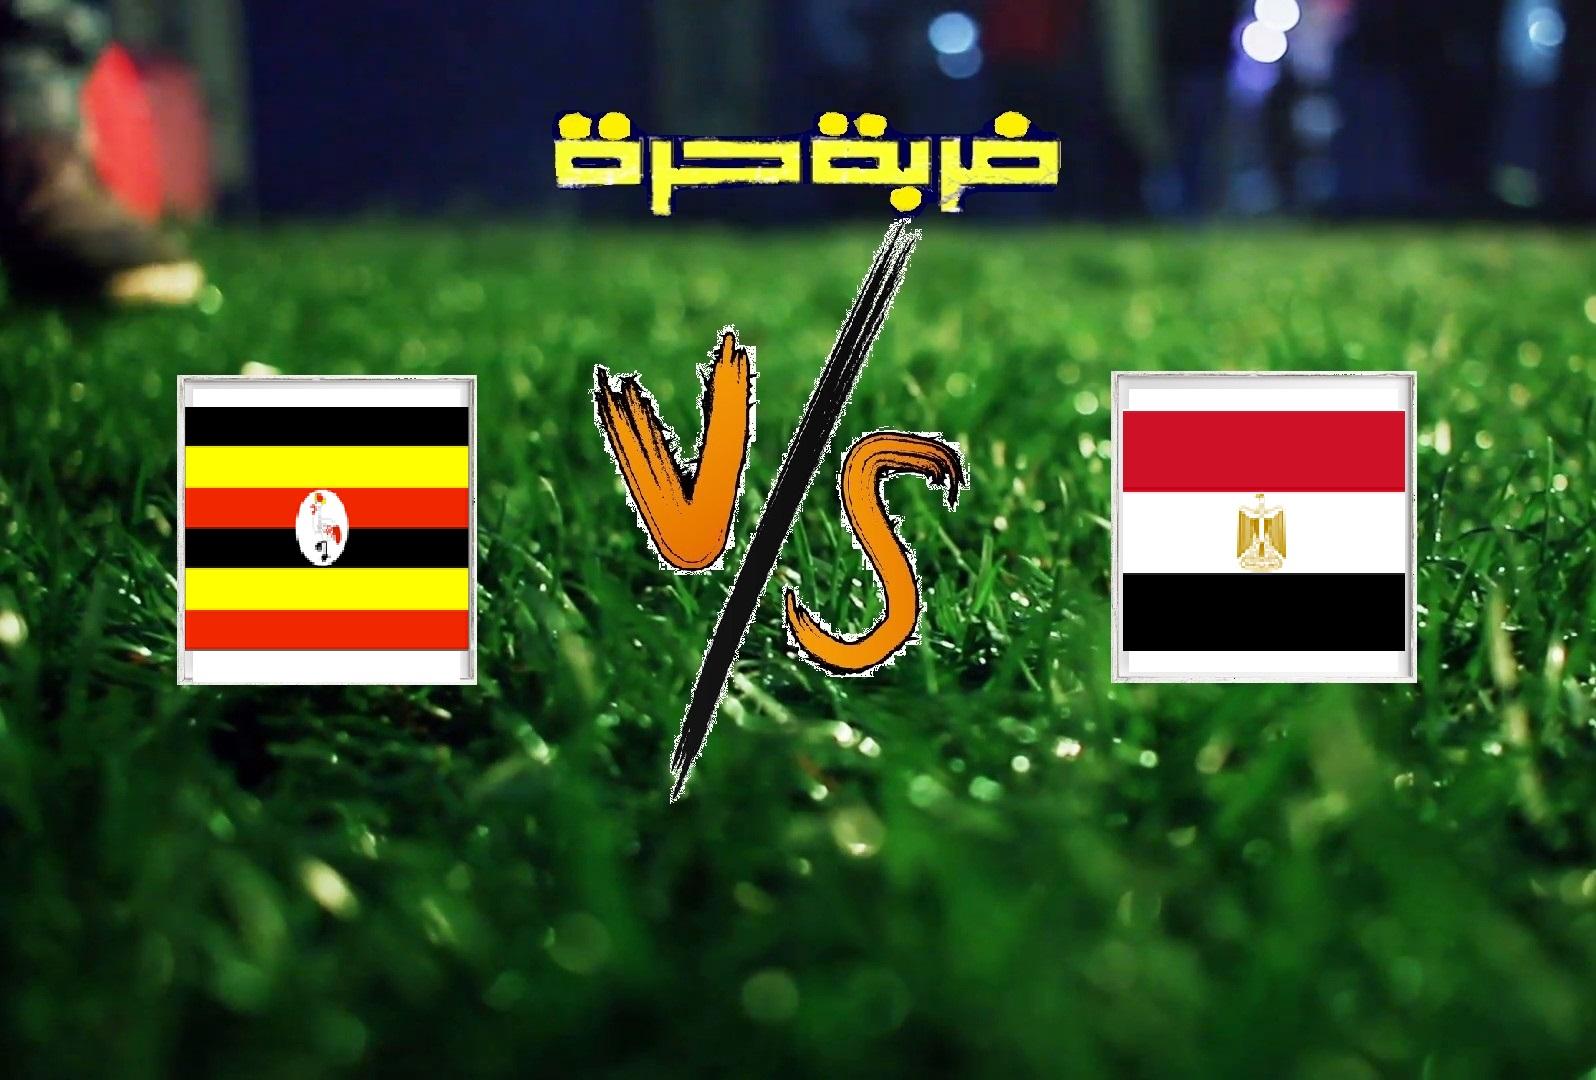 نتيجة مباراة مصر واوغندا اليوم الاحد بتاريخ 30 06 2019 كأس الأمم